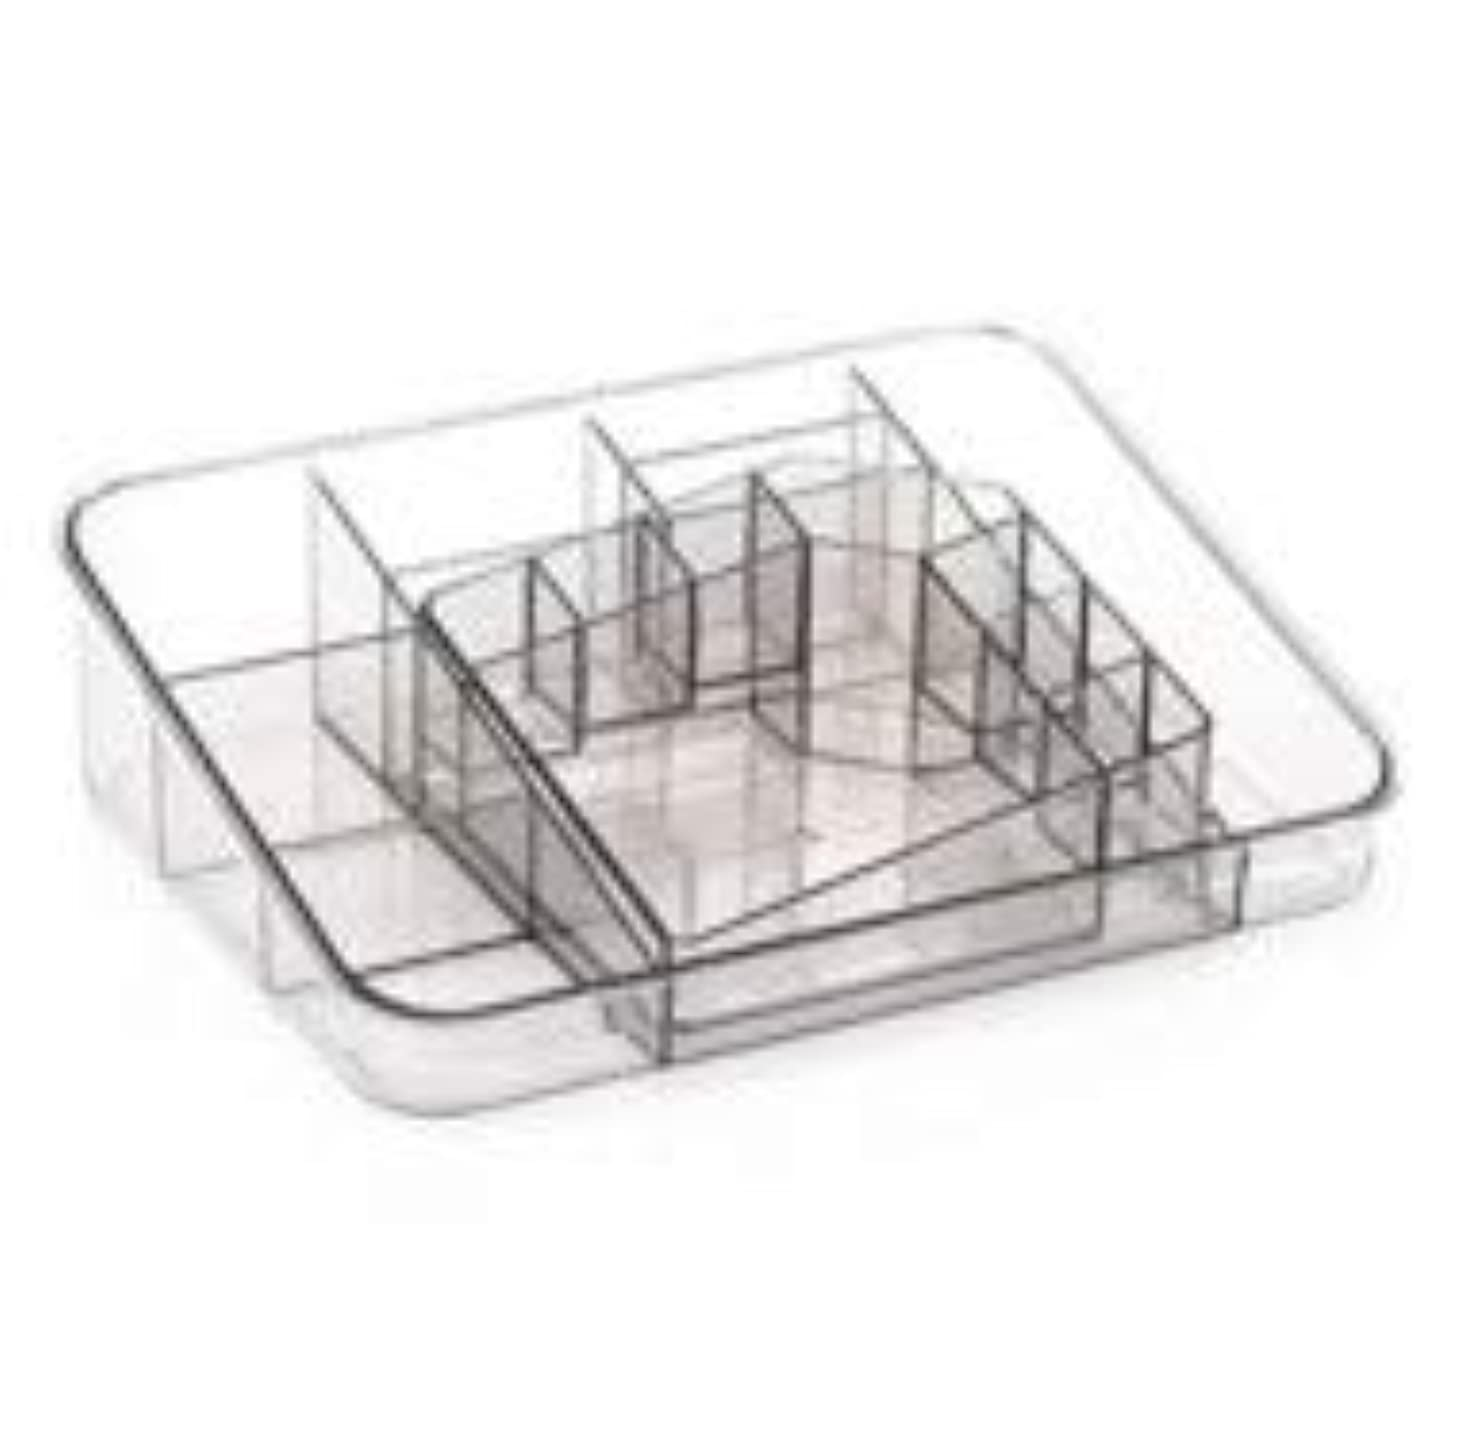 虐待確認するキャップ透明アクリル化粧品収納ボックスサイズの組み合わせツーピース多分割化粧品デスクトップ仕上げボックス (Color : グレー)